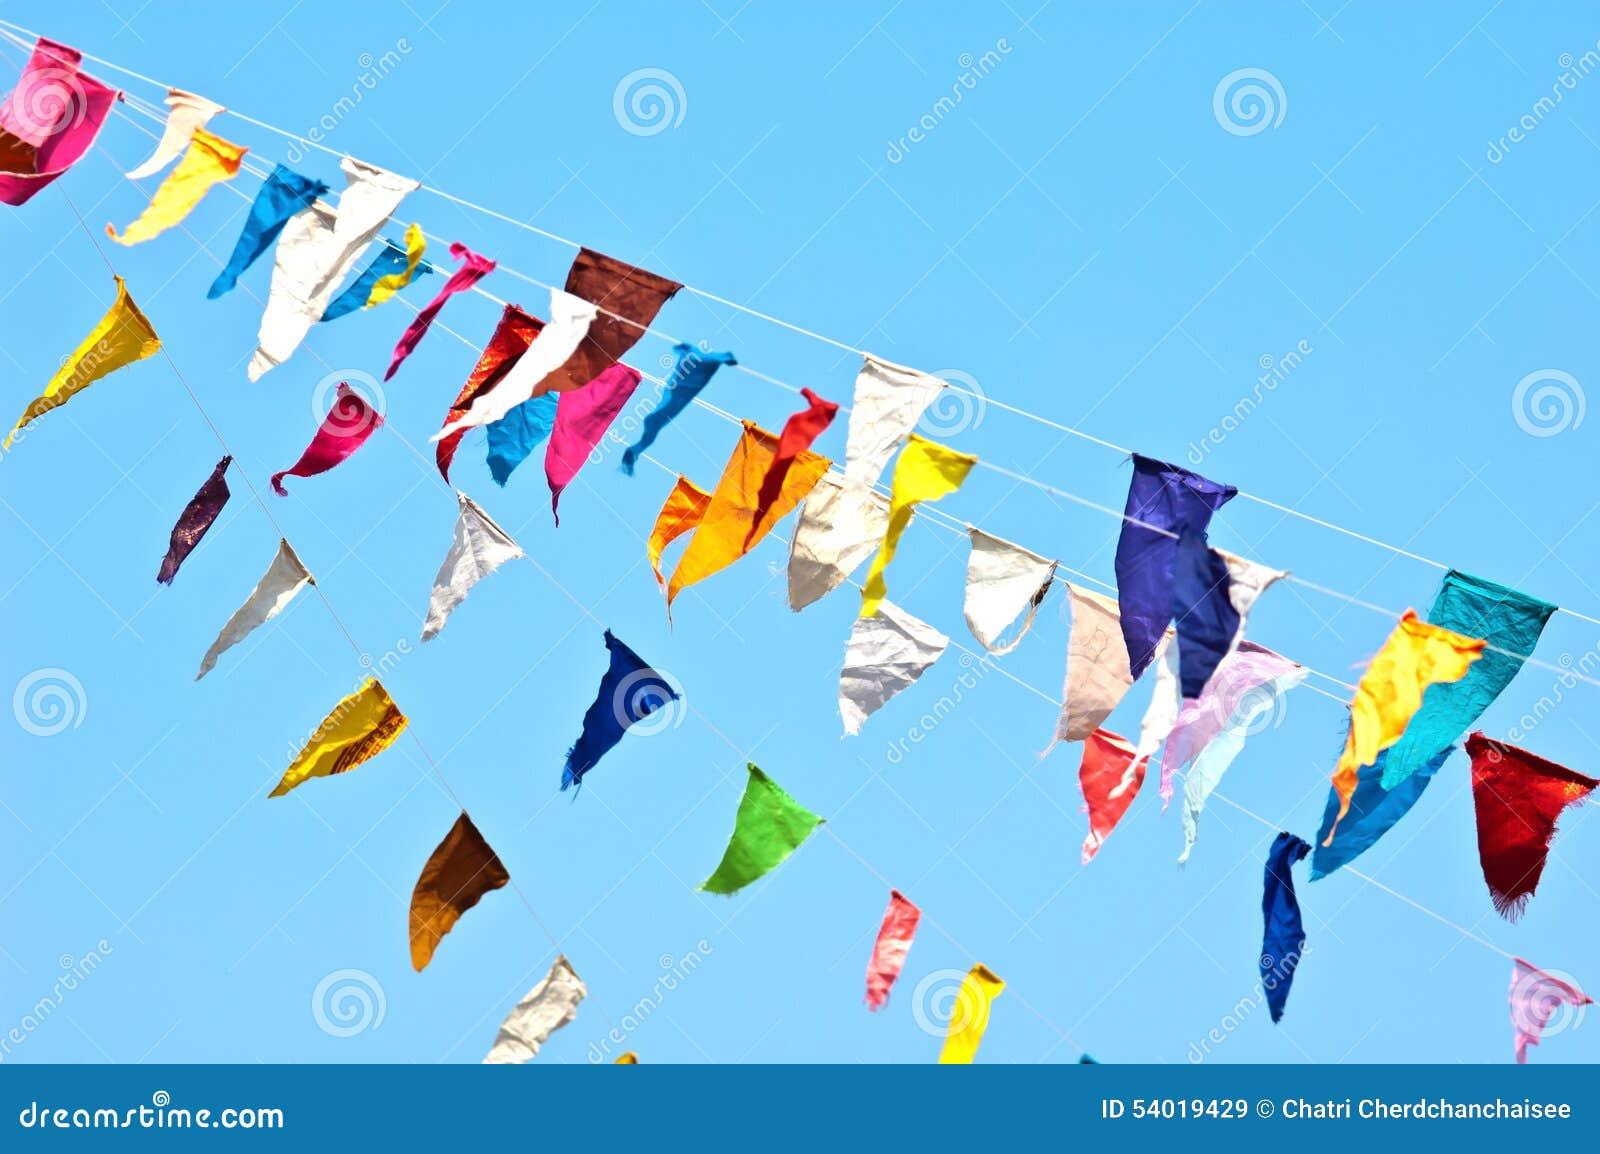 Kleurrijke bunting vlaggen op blauwe hemel